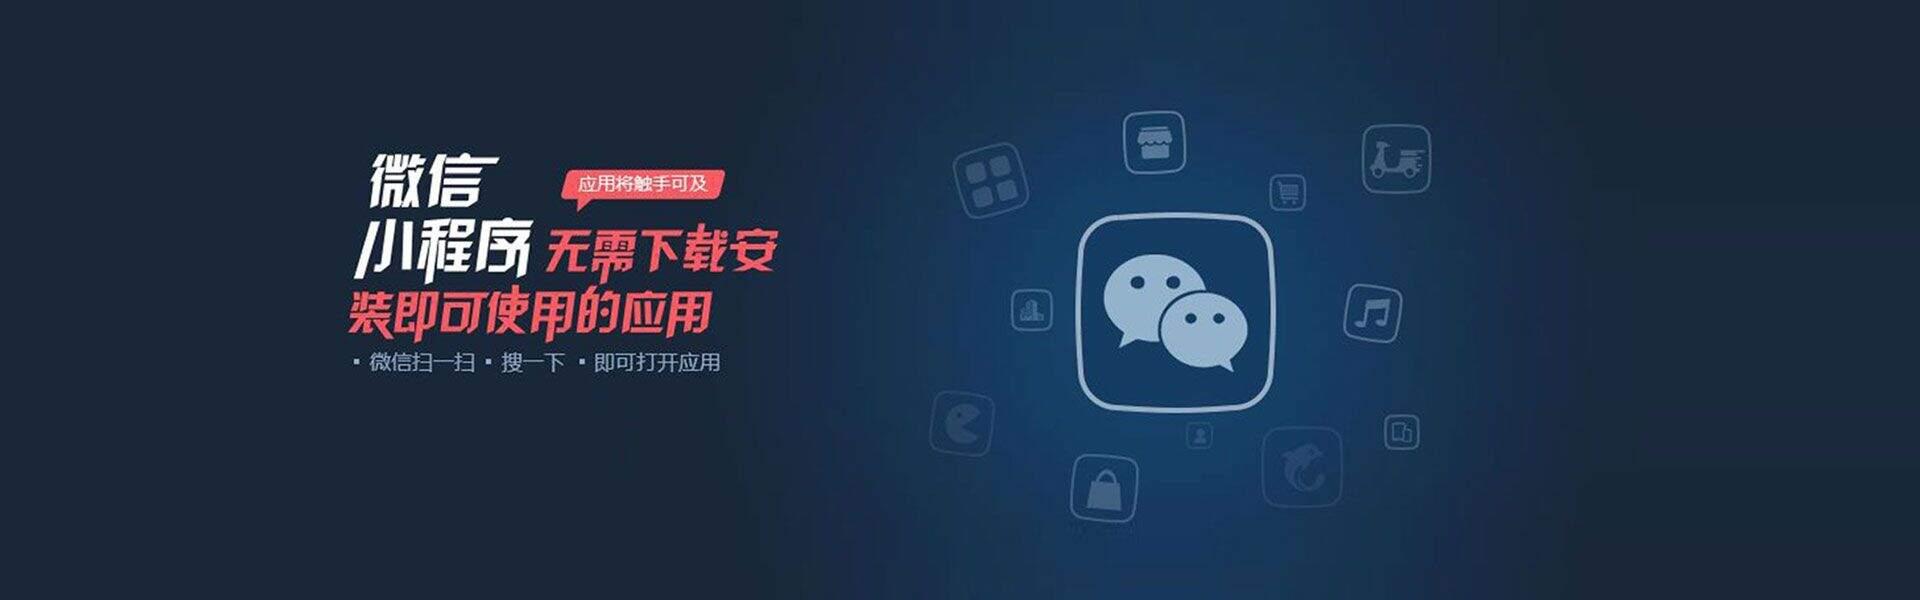 湛江鼎聯互聯網信息有限公司